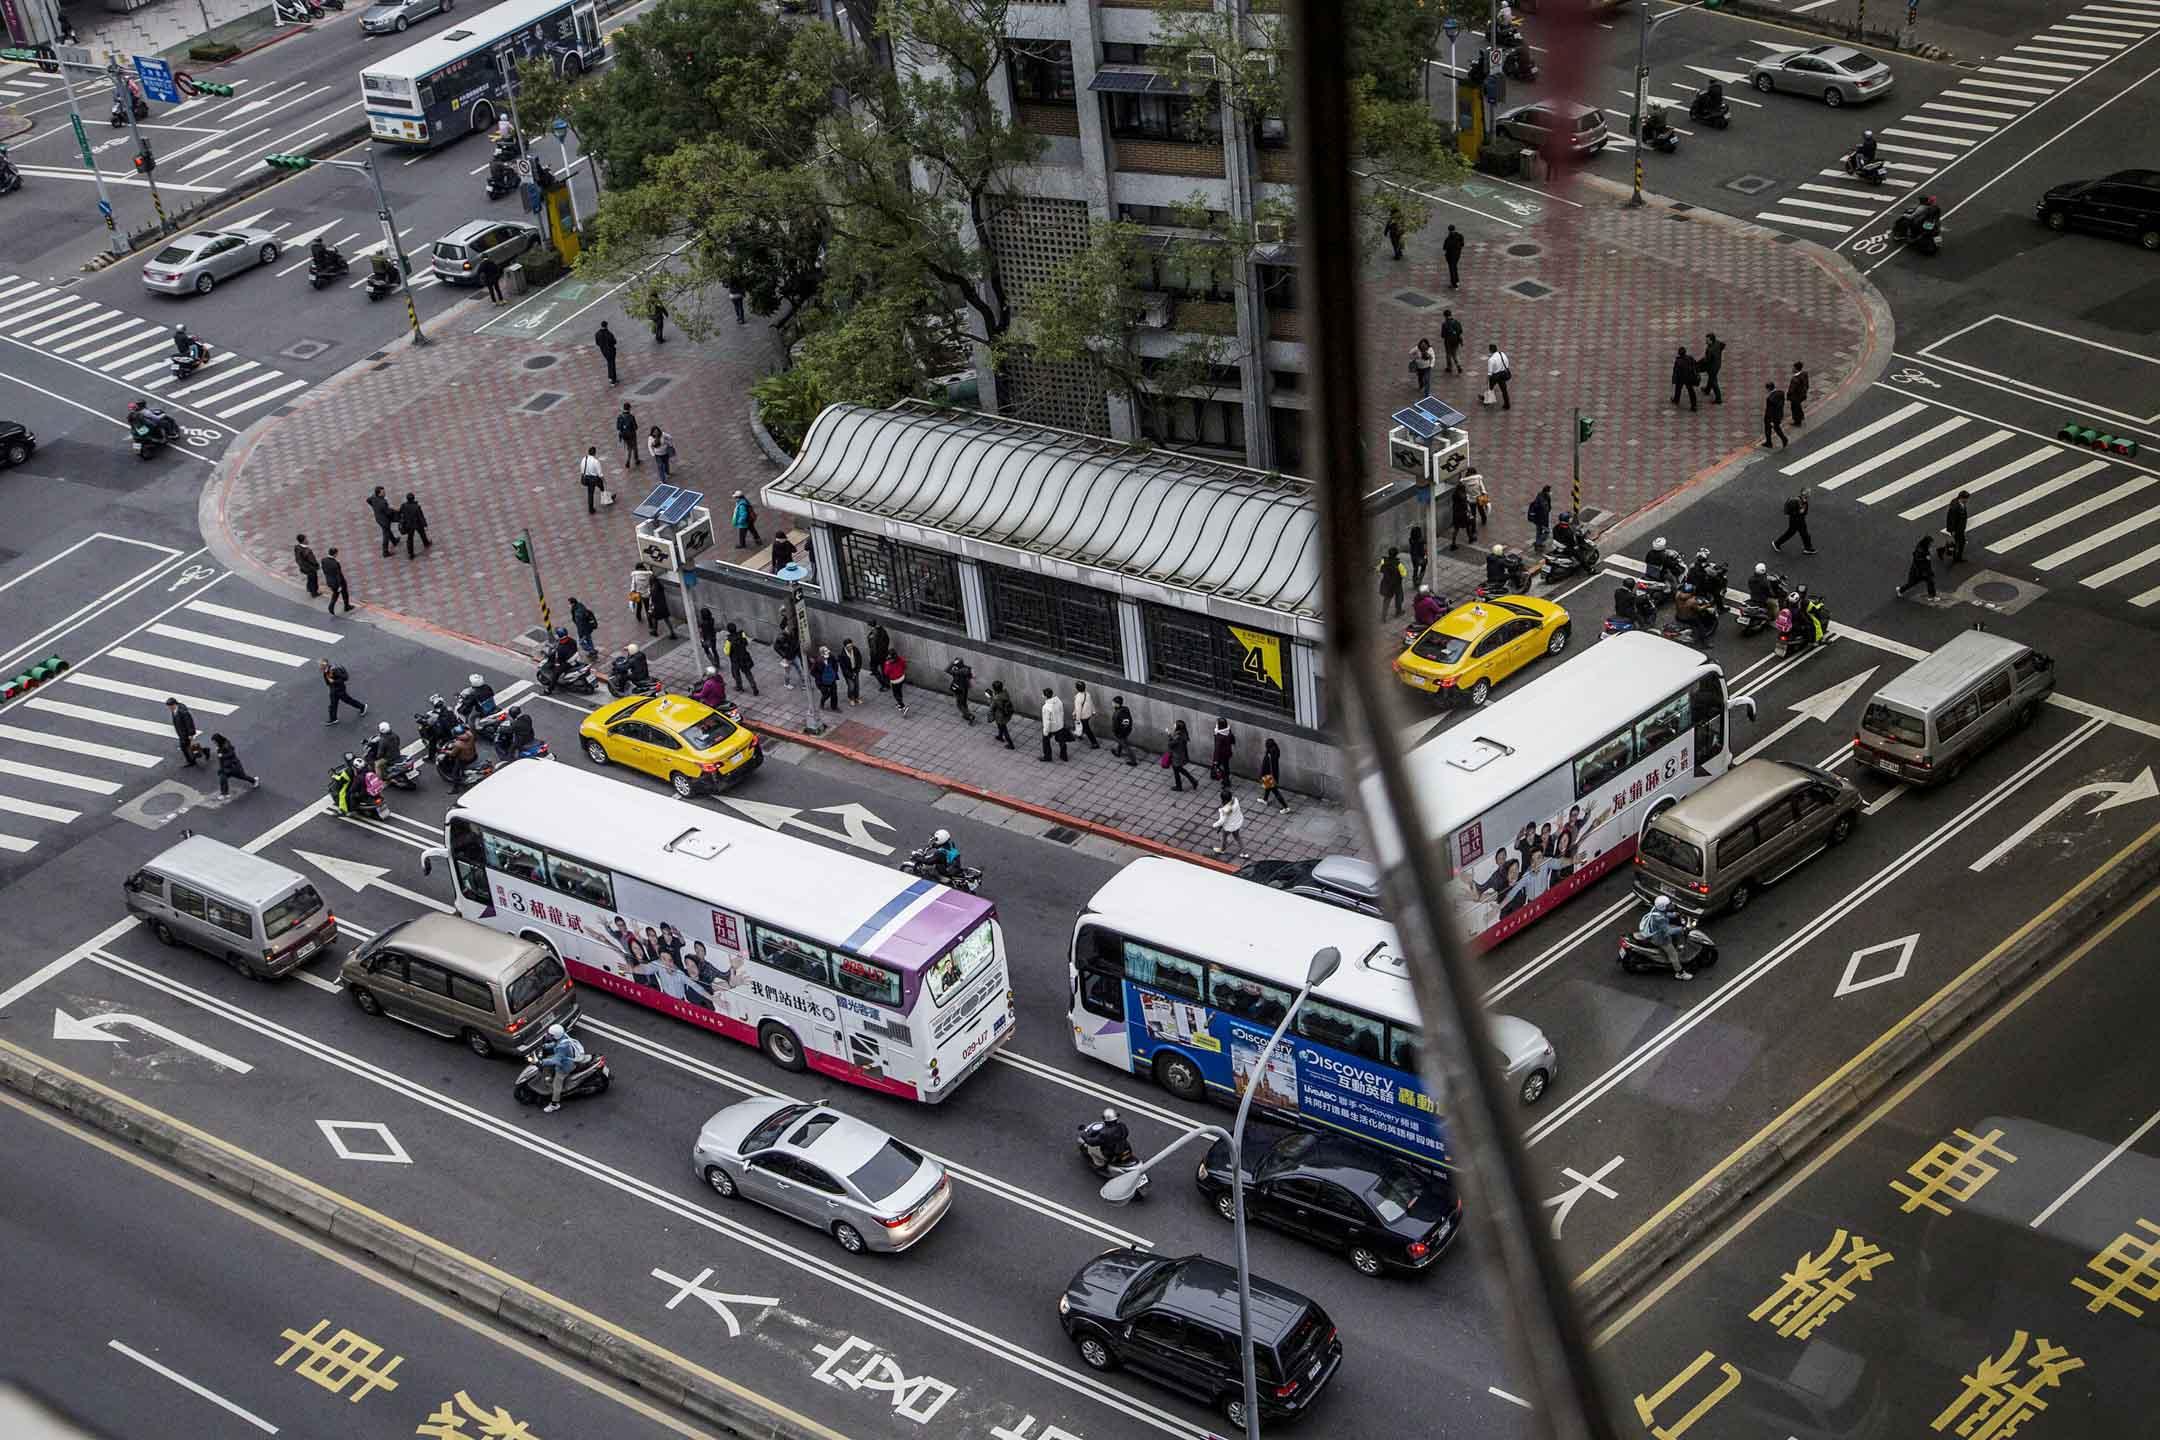 「跳蛙公車app」是民眾可以透過app自己規劃路線,輸入要去的地方、希望幾點到,之後募集到20人,交通局將儘速請公車業者規劃闢駛路線。如果順利地發展下去,將會越來越多人跟著跳蛙上班、下班,形成台北人的新體驗,也補足過往路線蒐集的不足。圖為台北交通配圖。 攝: Ulet Ifansasti/Getty Images